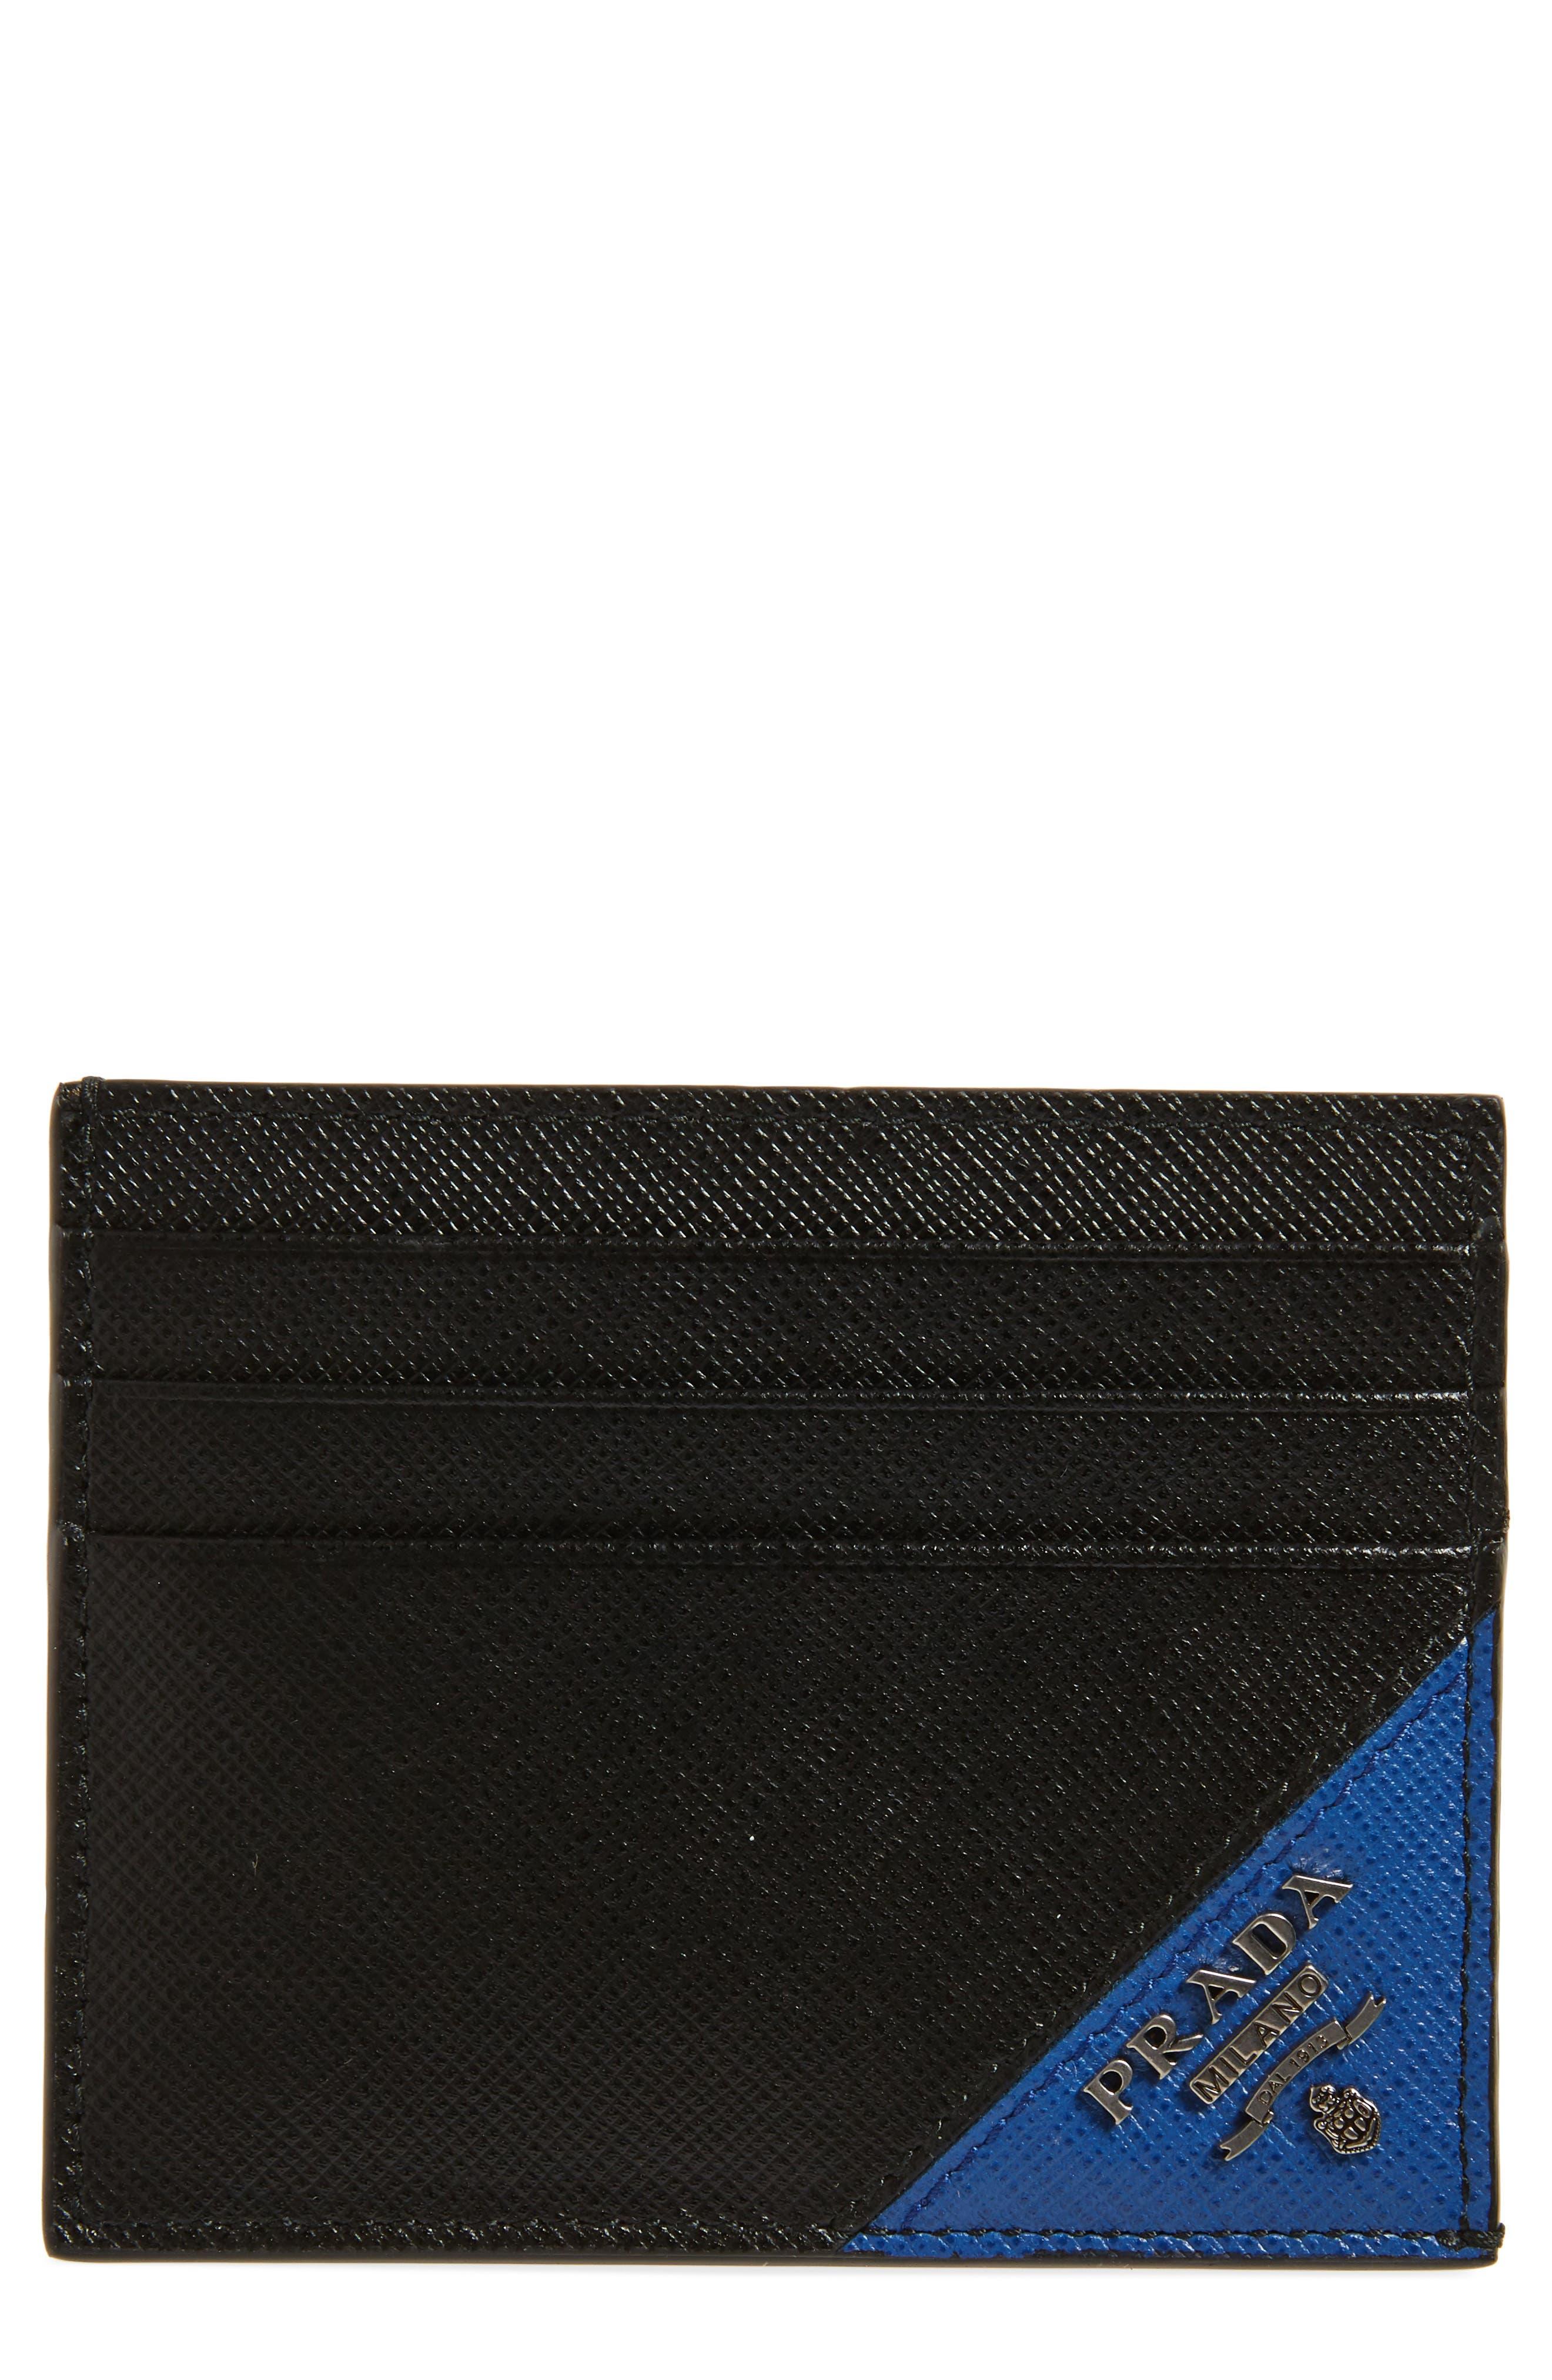 Main Image - Prada Saffiano Leather Card Case